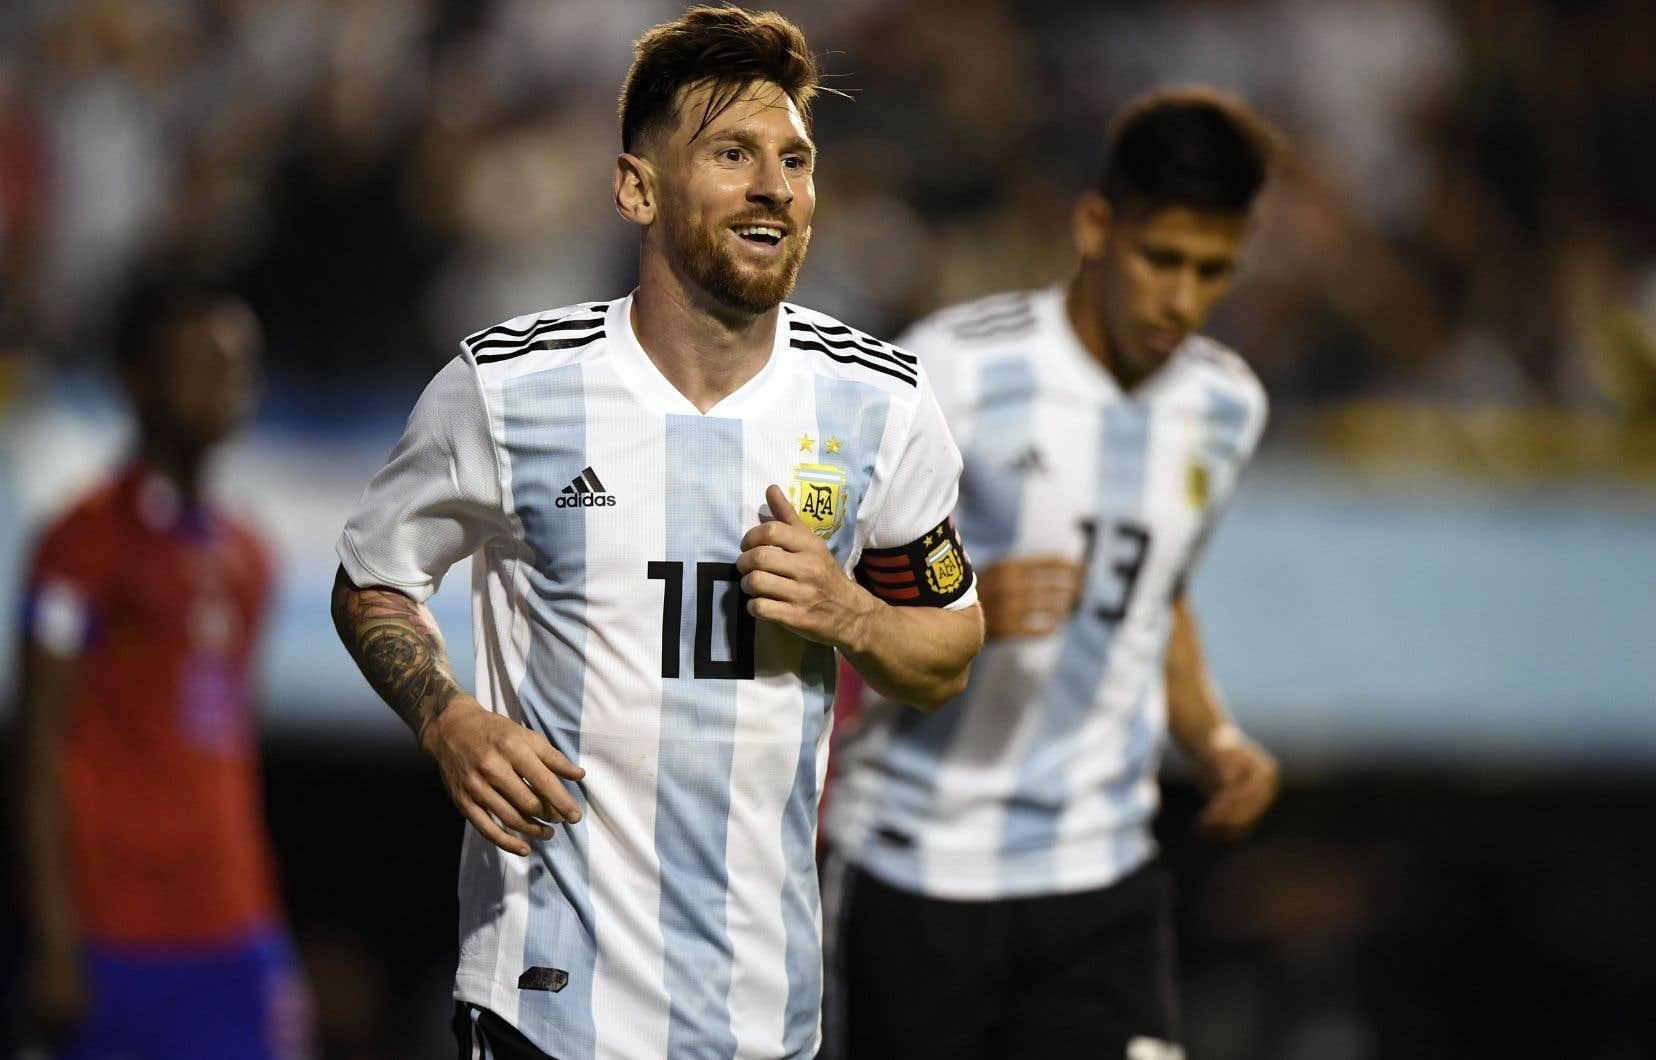 Selon l'État hébreu, le champion argentin Lionel Messi, entre autres, a cédé aux admonestations palestiniennes.